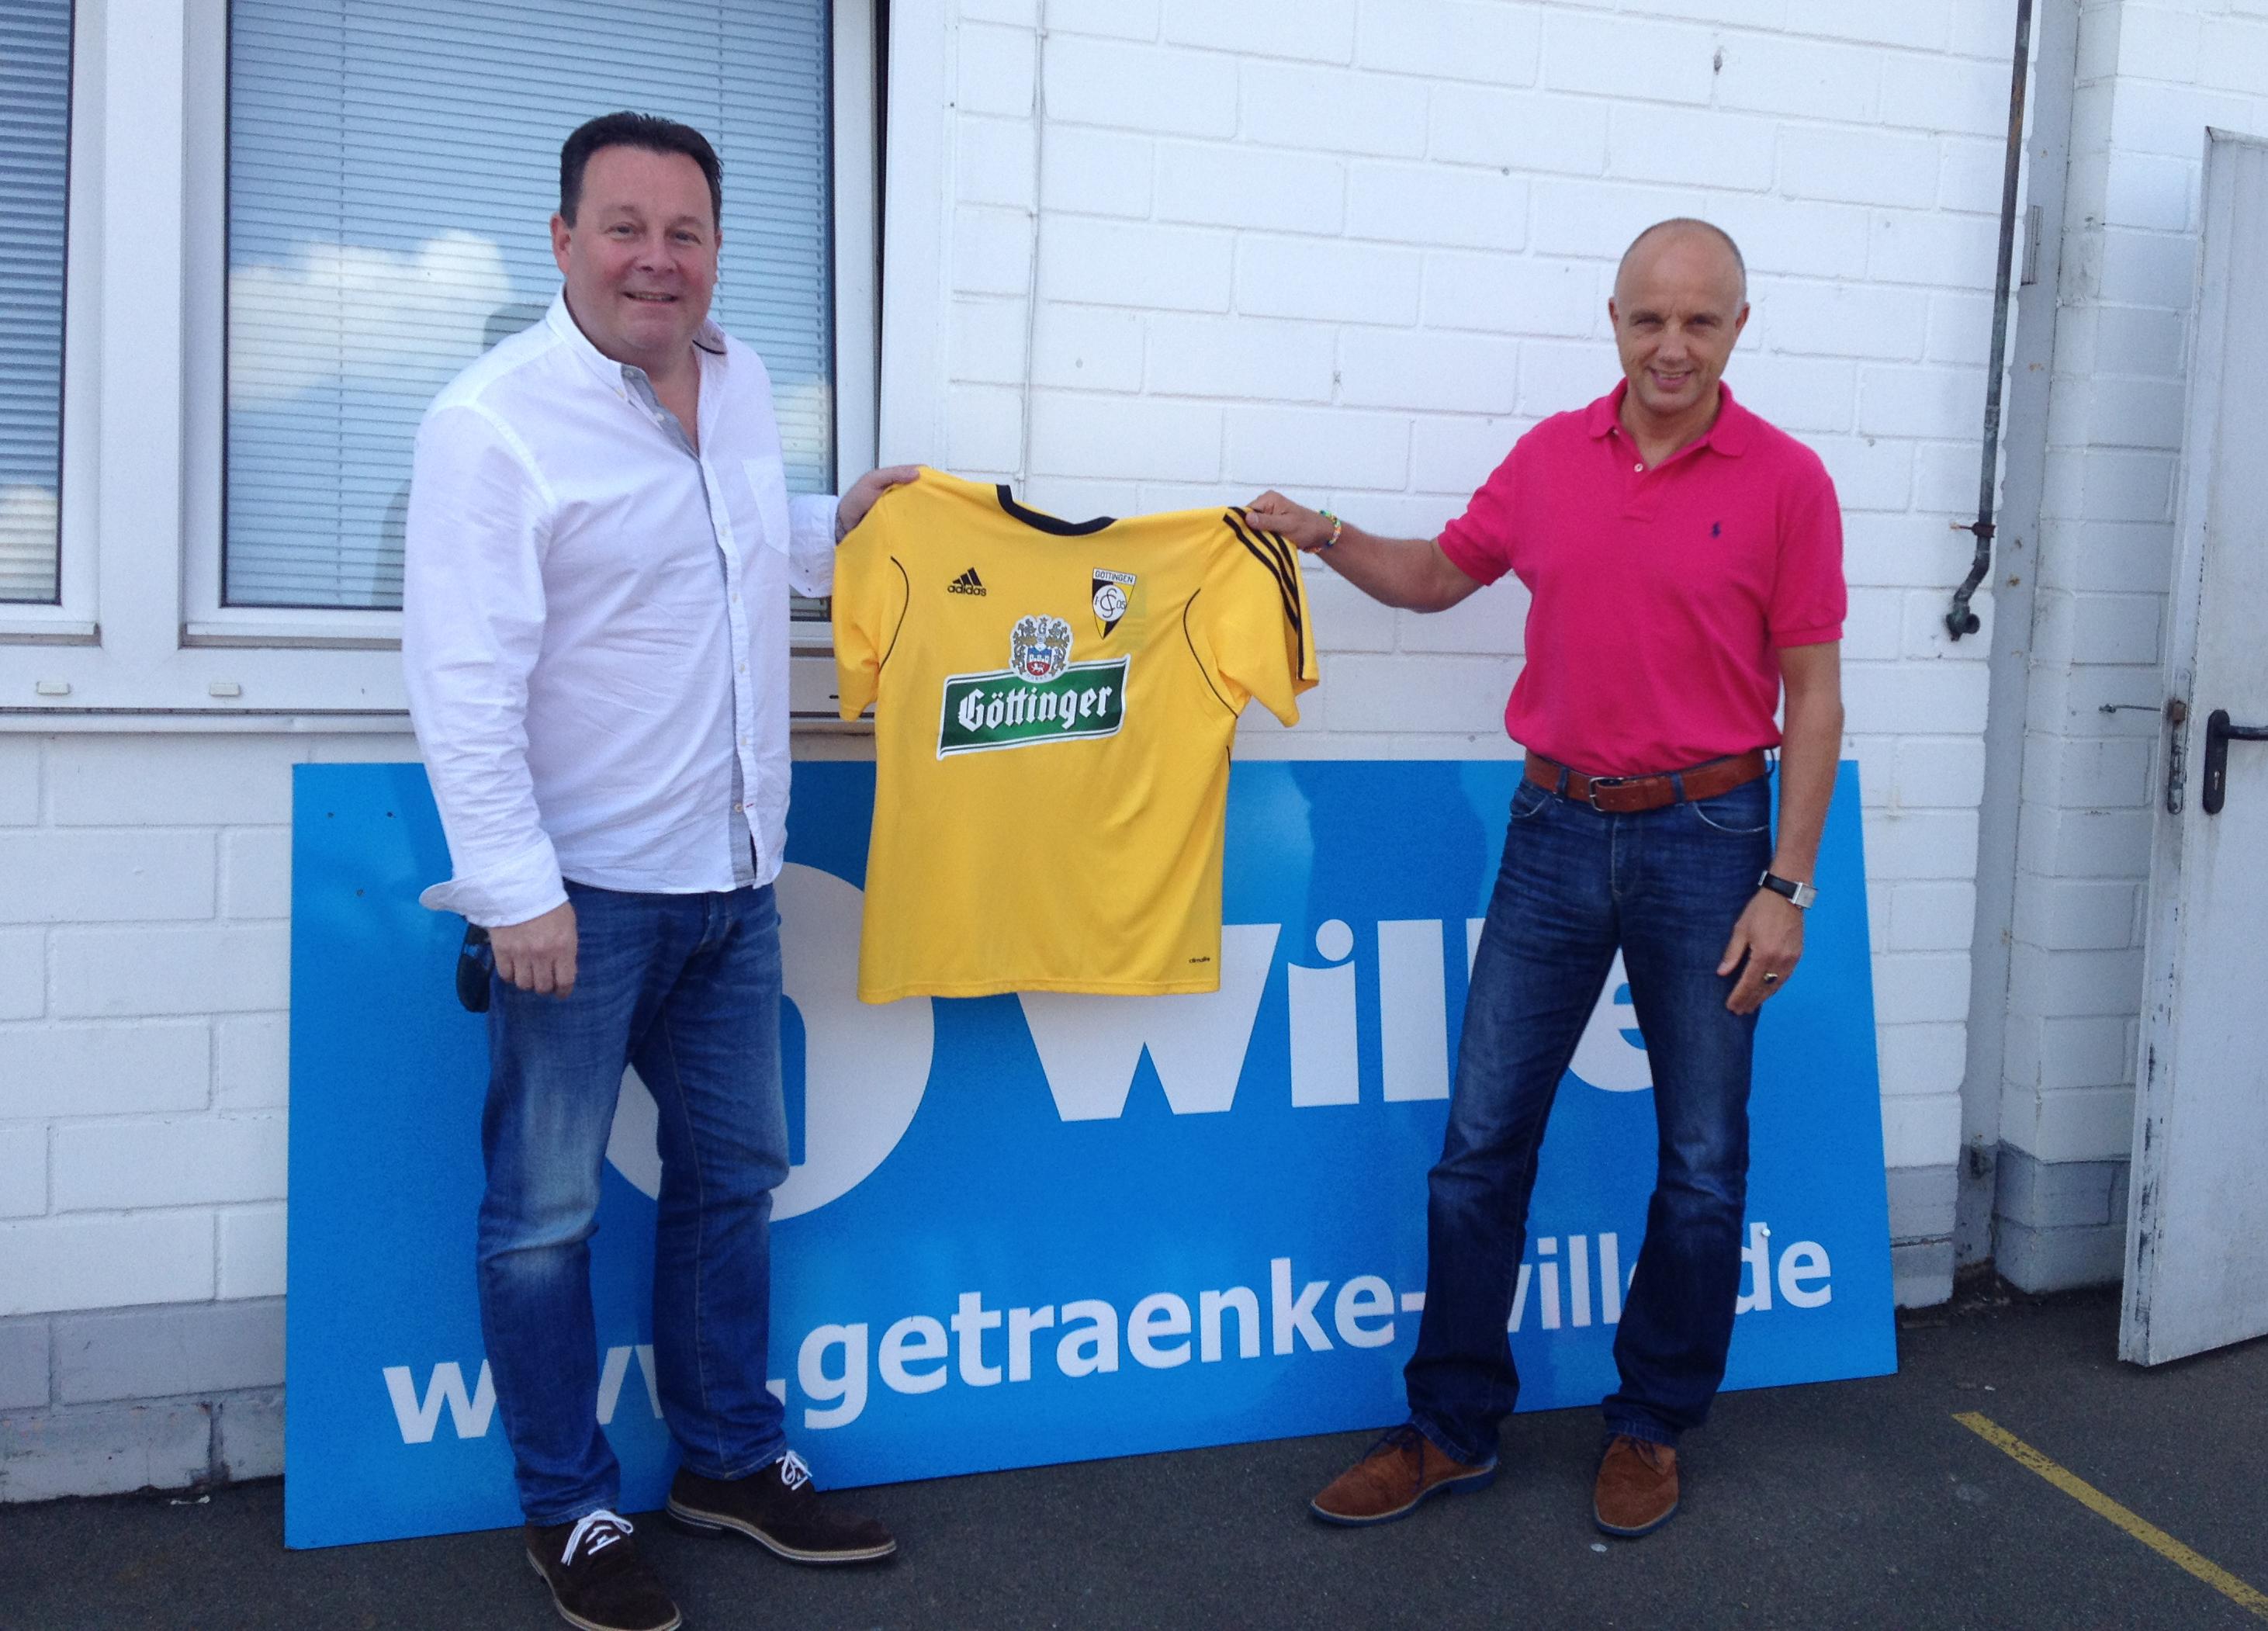 getraenke wille – I. SC Göttingen 05